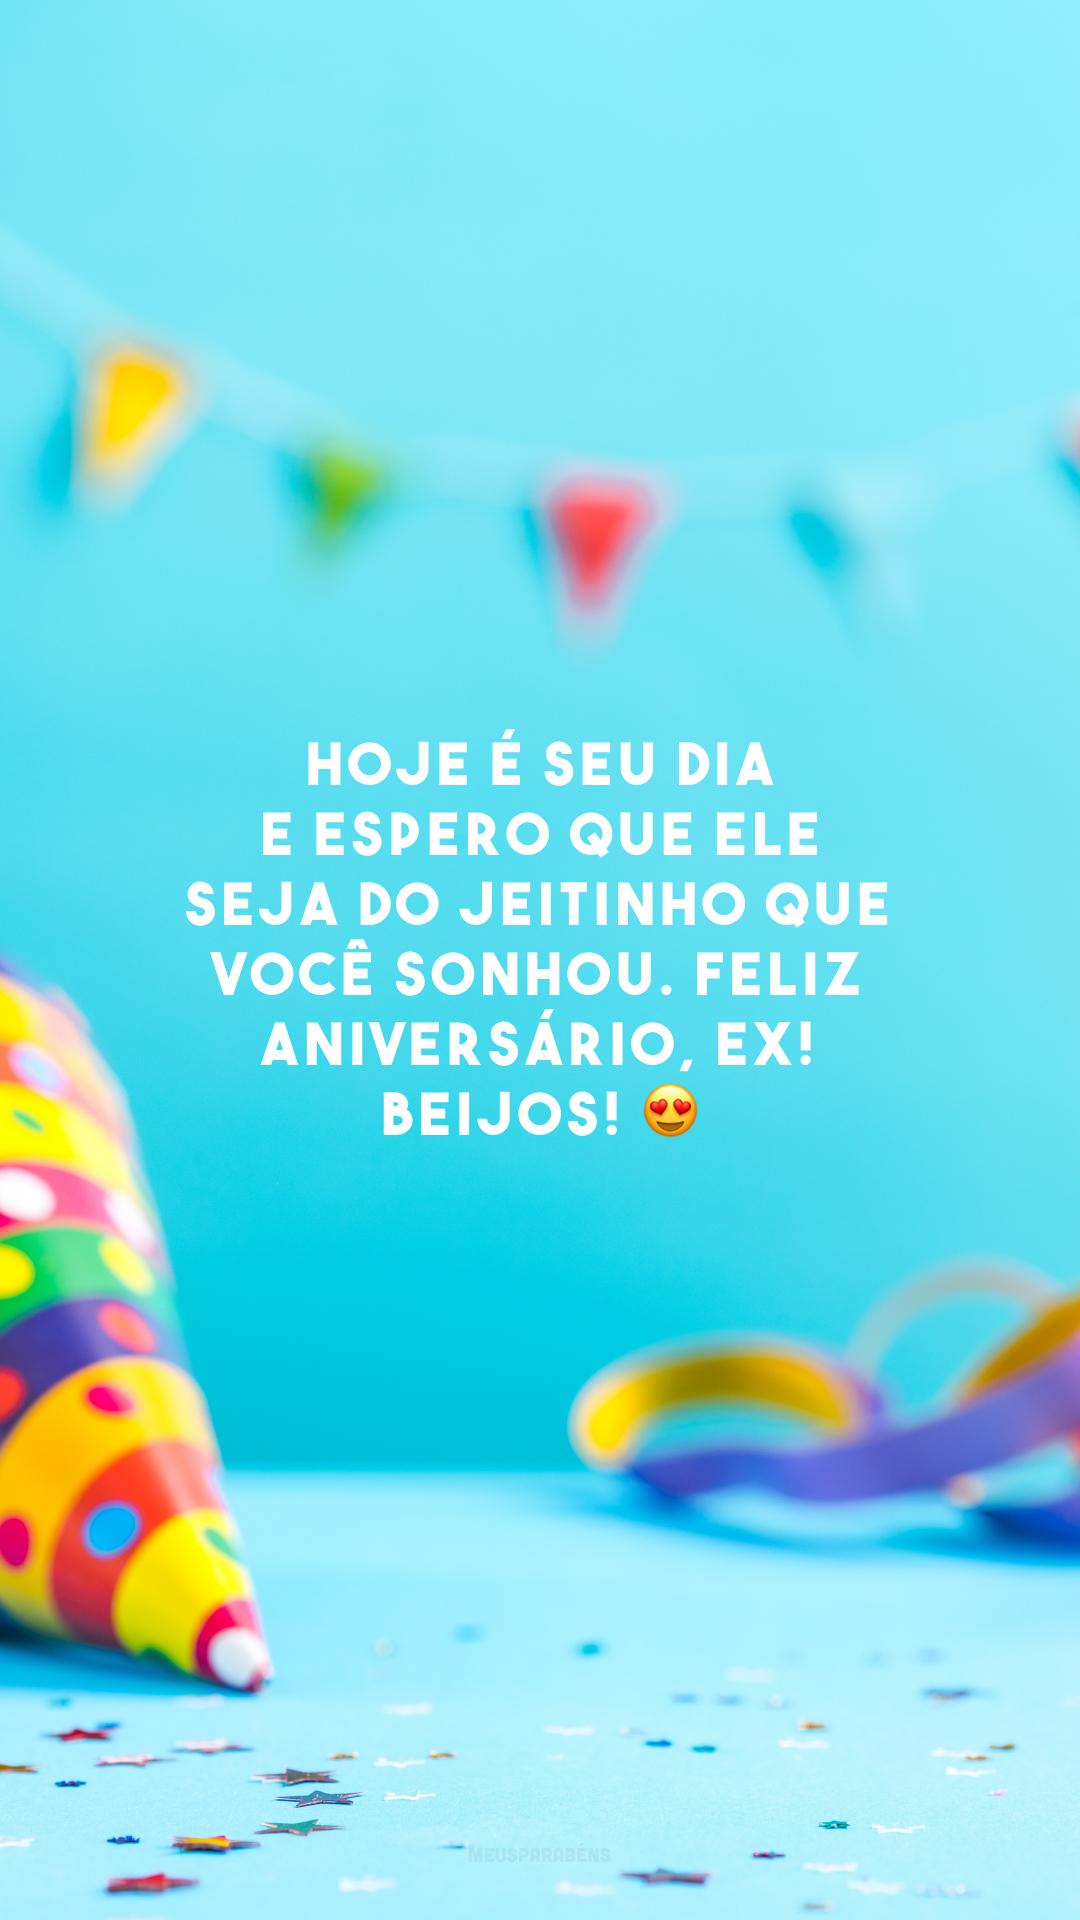 Hoje é seu dia e espero que ele seja do jeitinho que você sonhou. Feliz aniversário, ex! Beijos! 😍